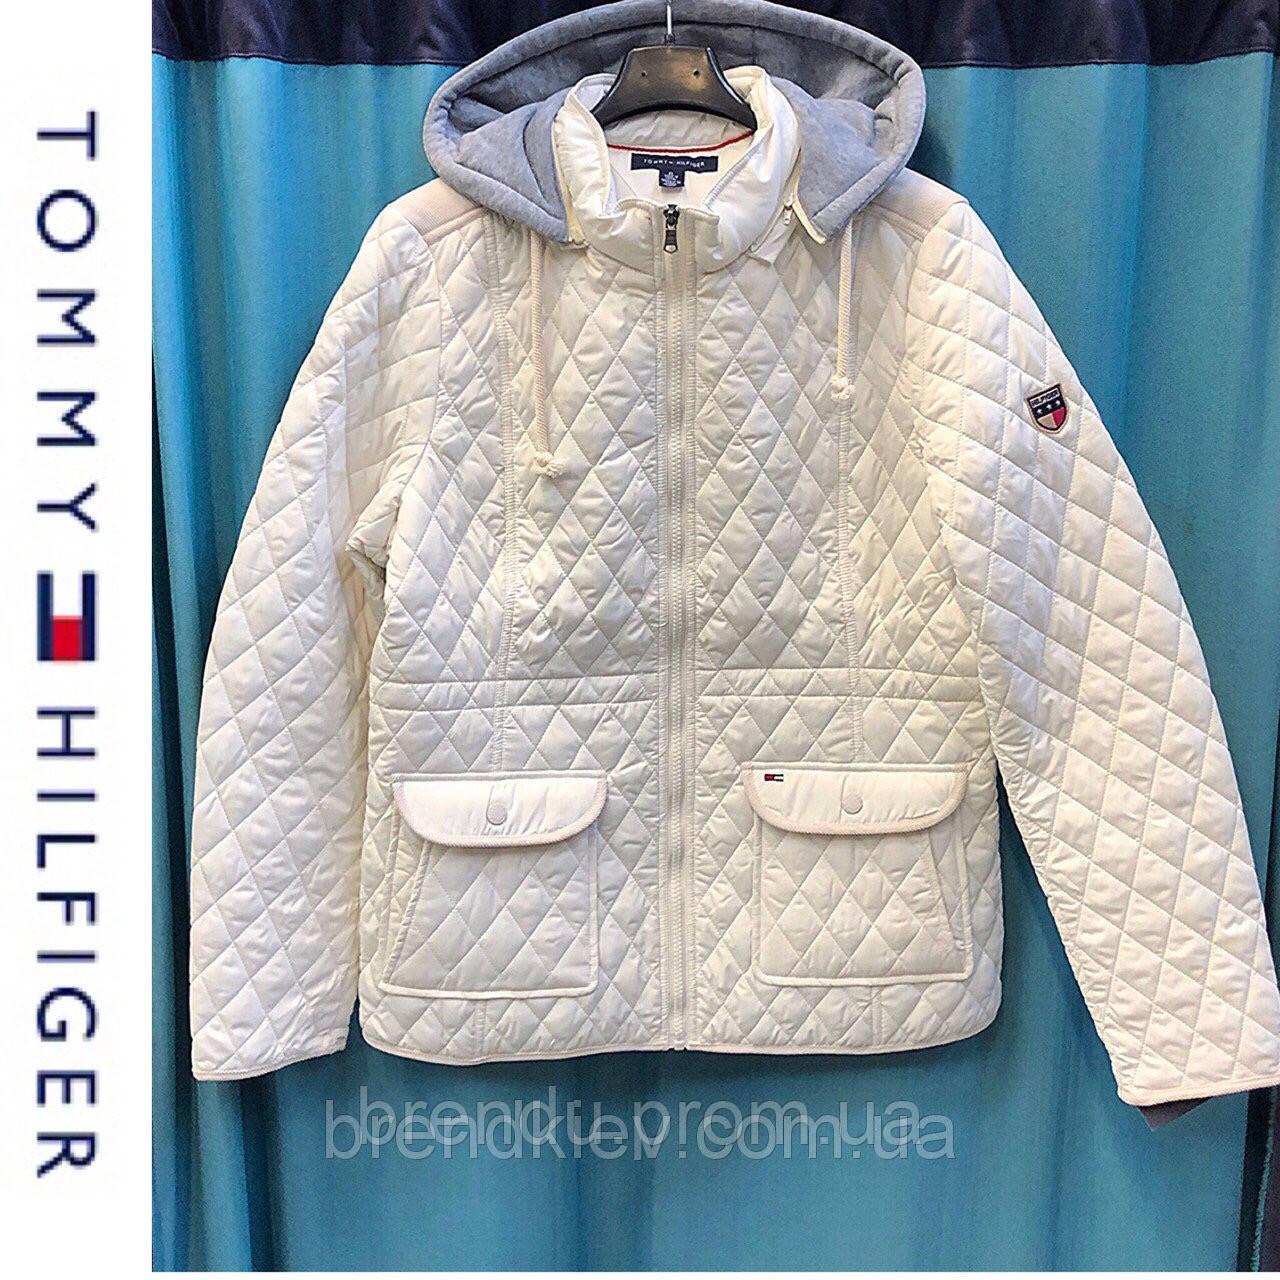 2f330620 Куртка Tommy Hilfiger Original, цена 2 500 грн., купить в Киеве ...